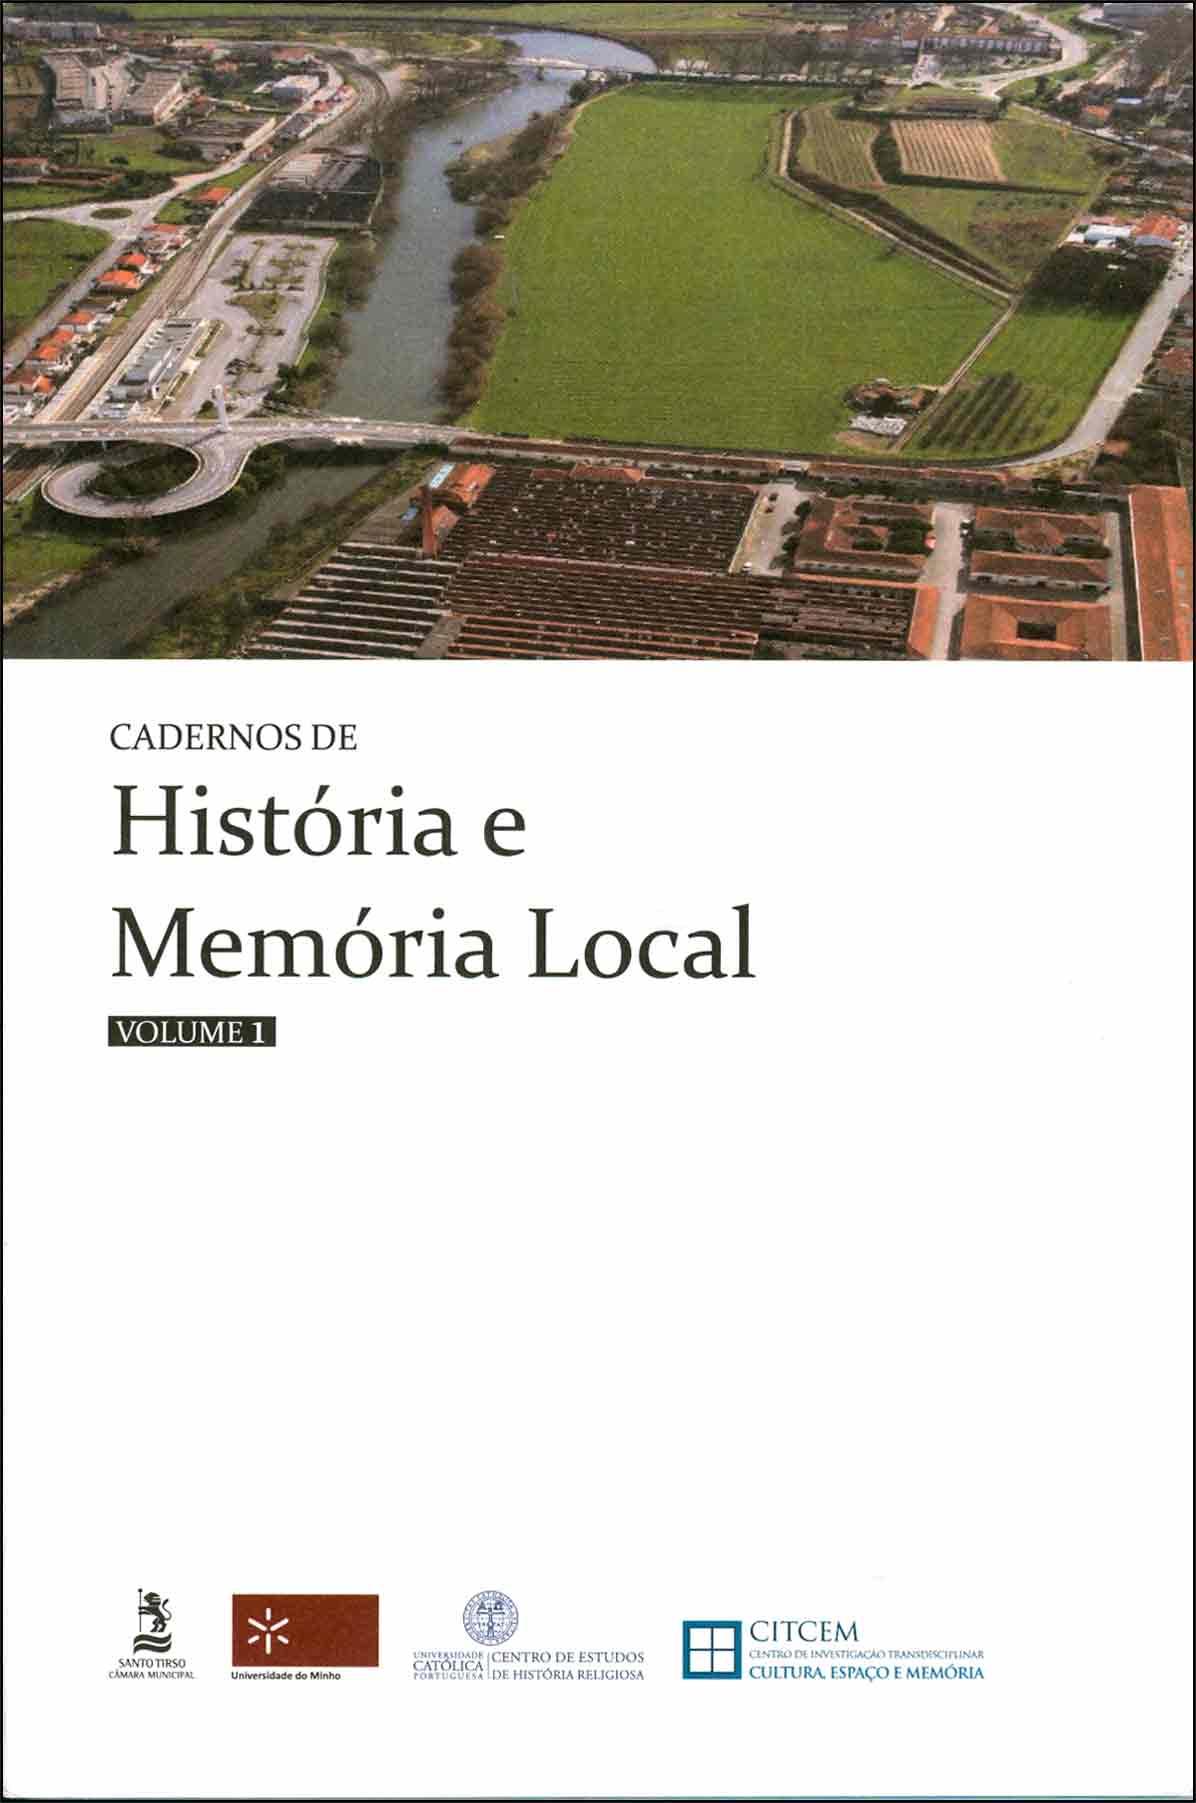 Cadernos de História e Memória Local, vol. 1